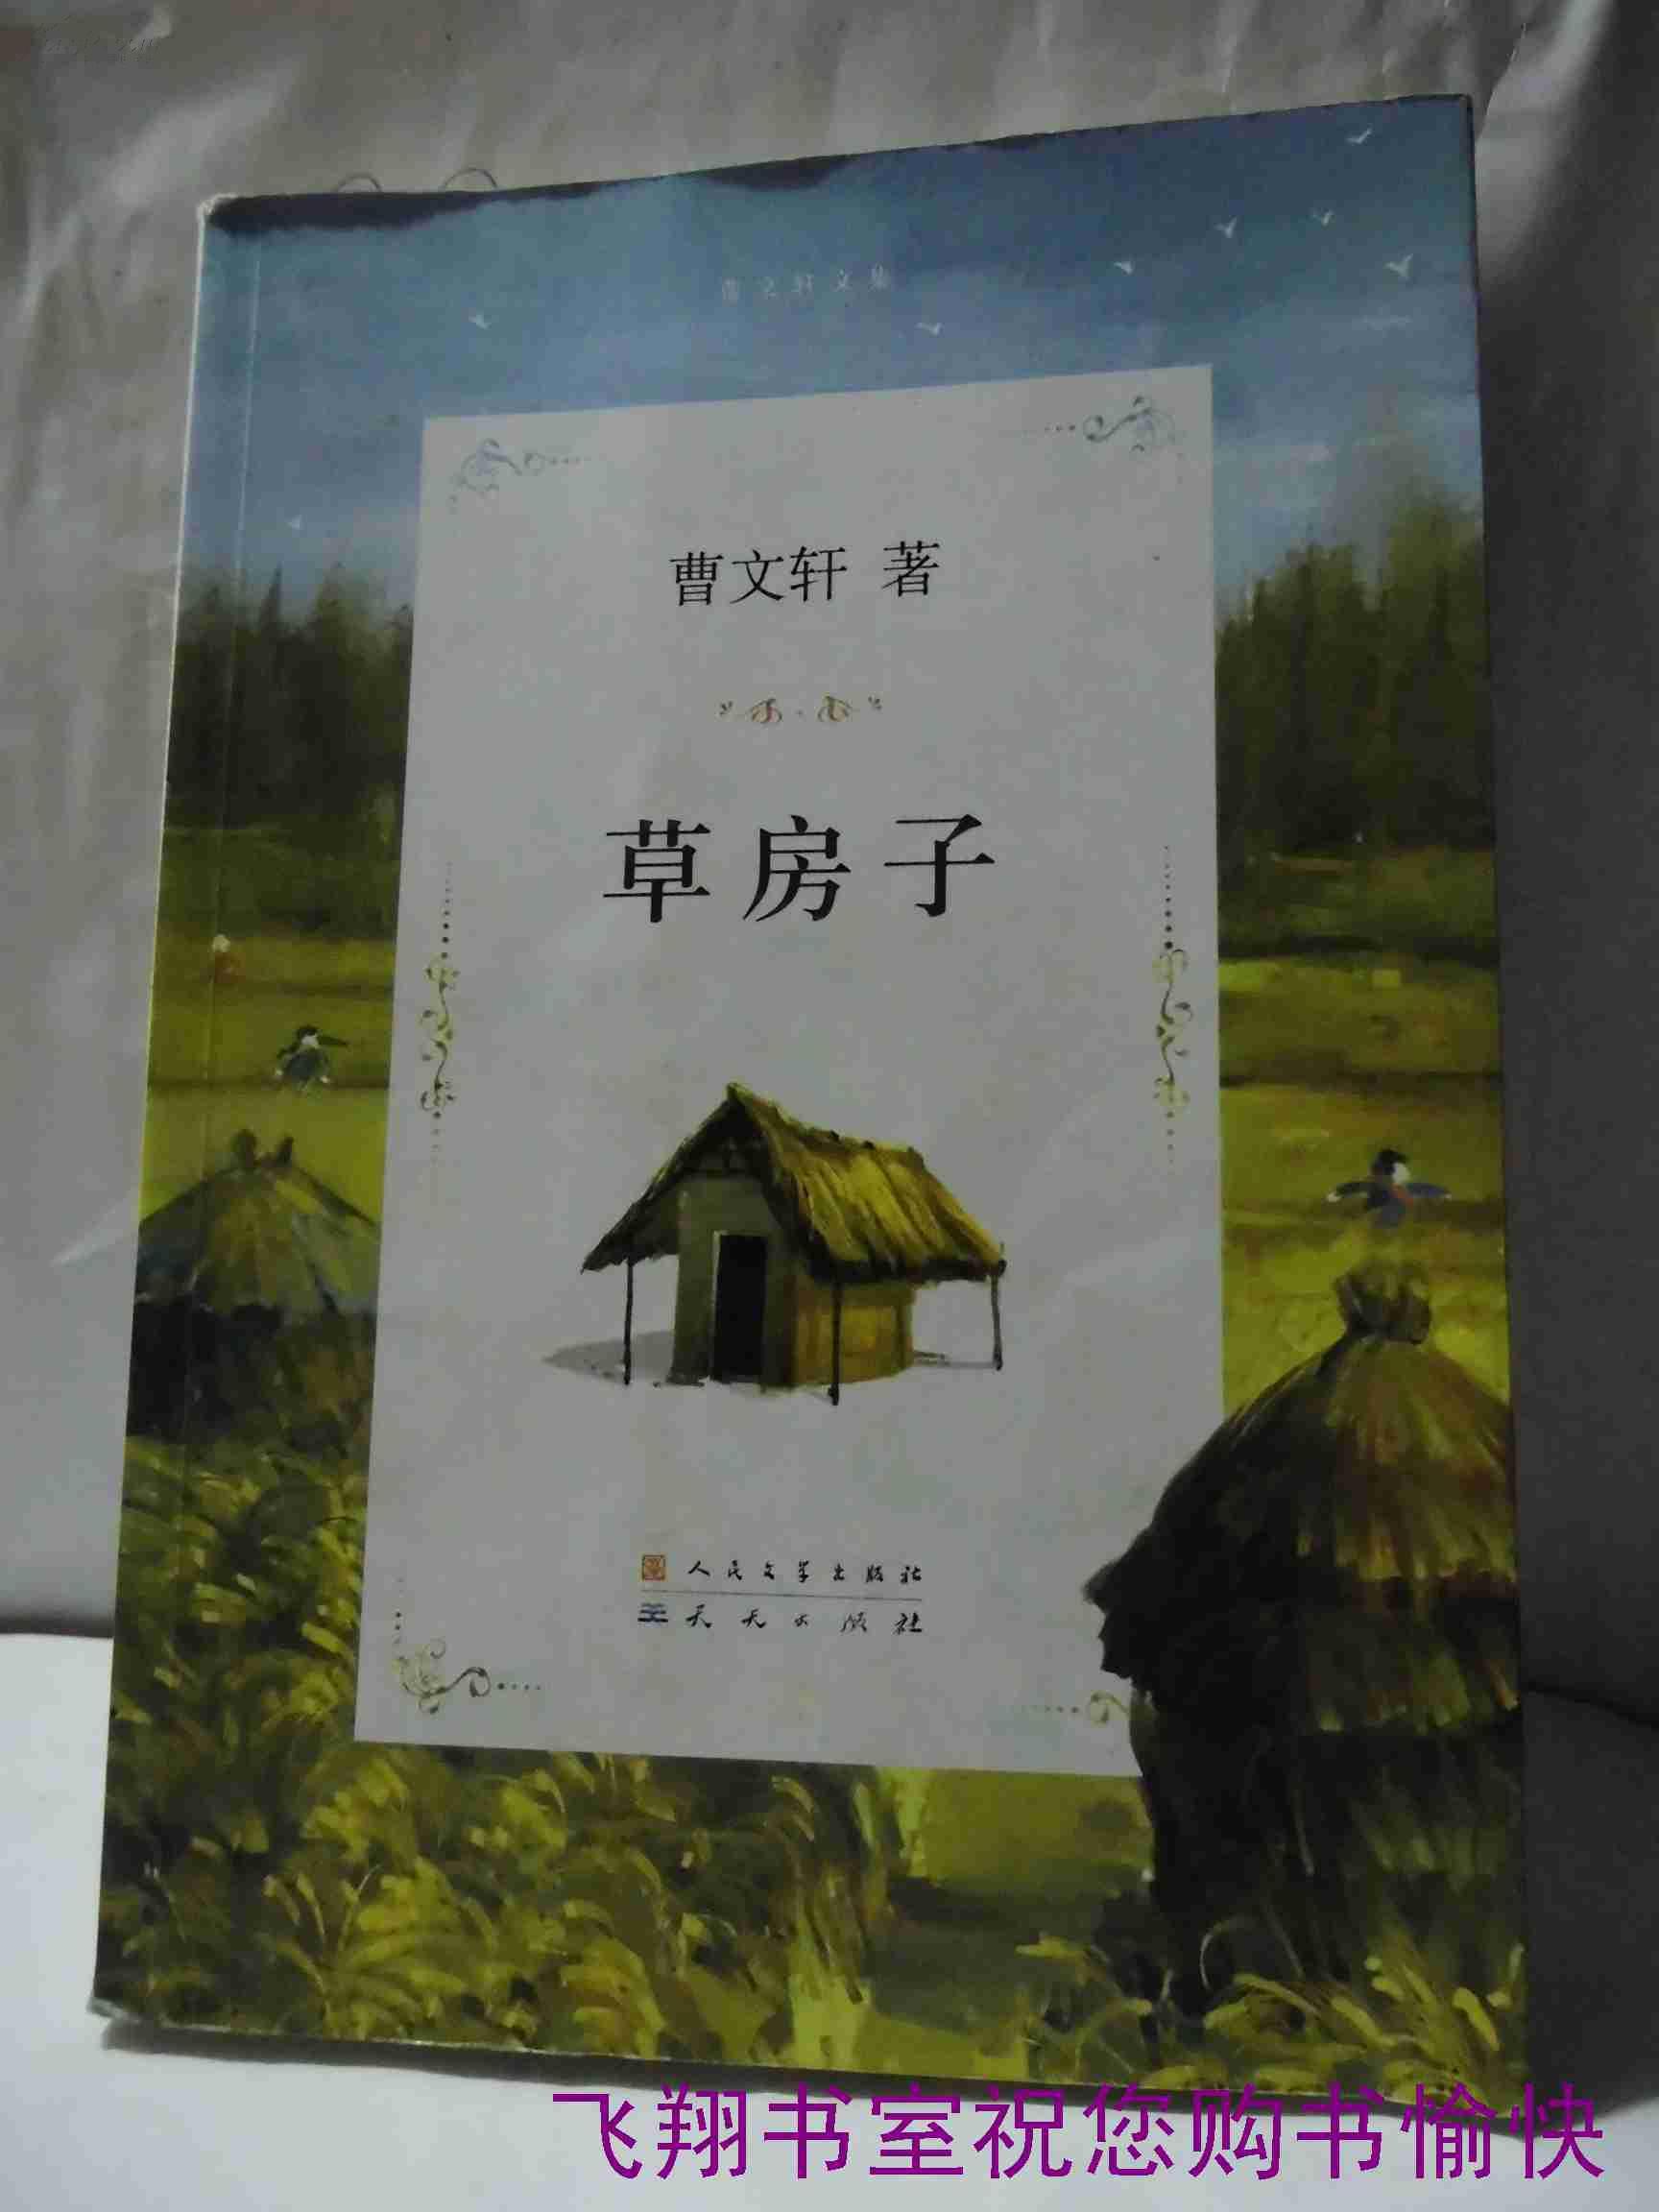 草房子的圖片圖片_草房子的圖片圖片下載